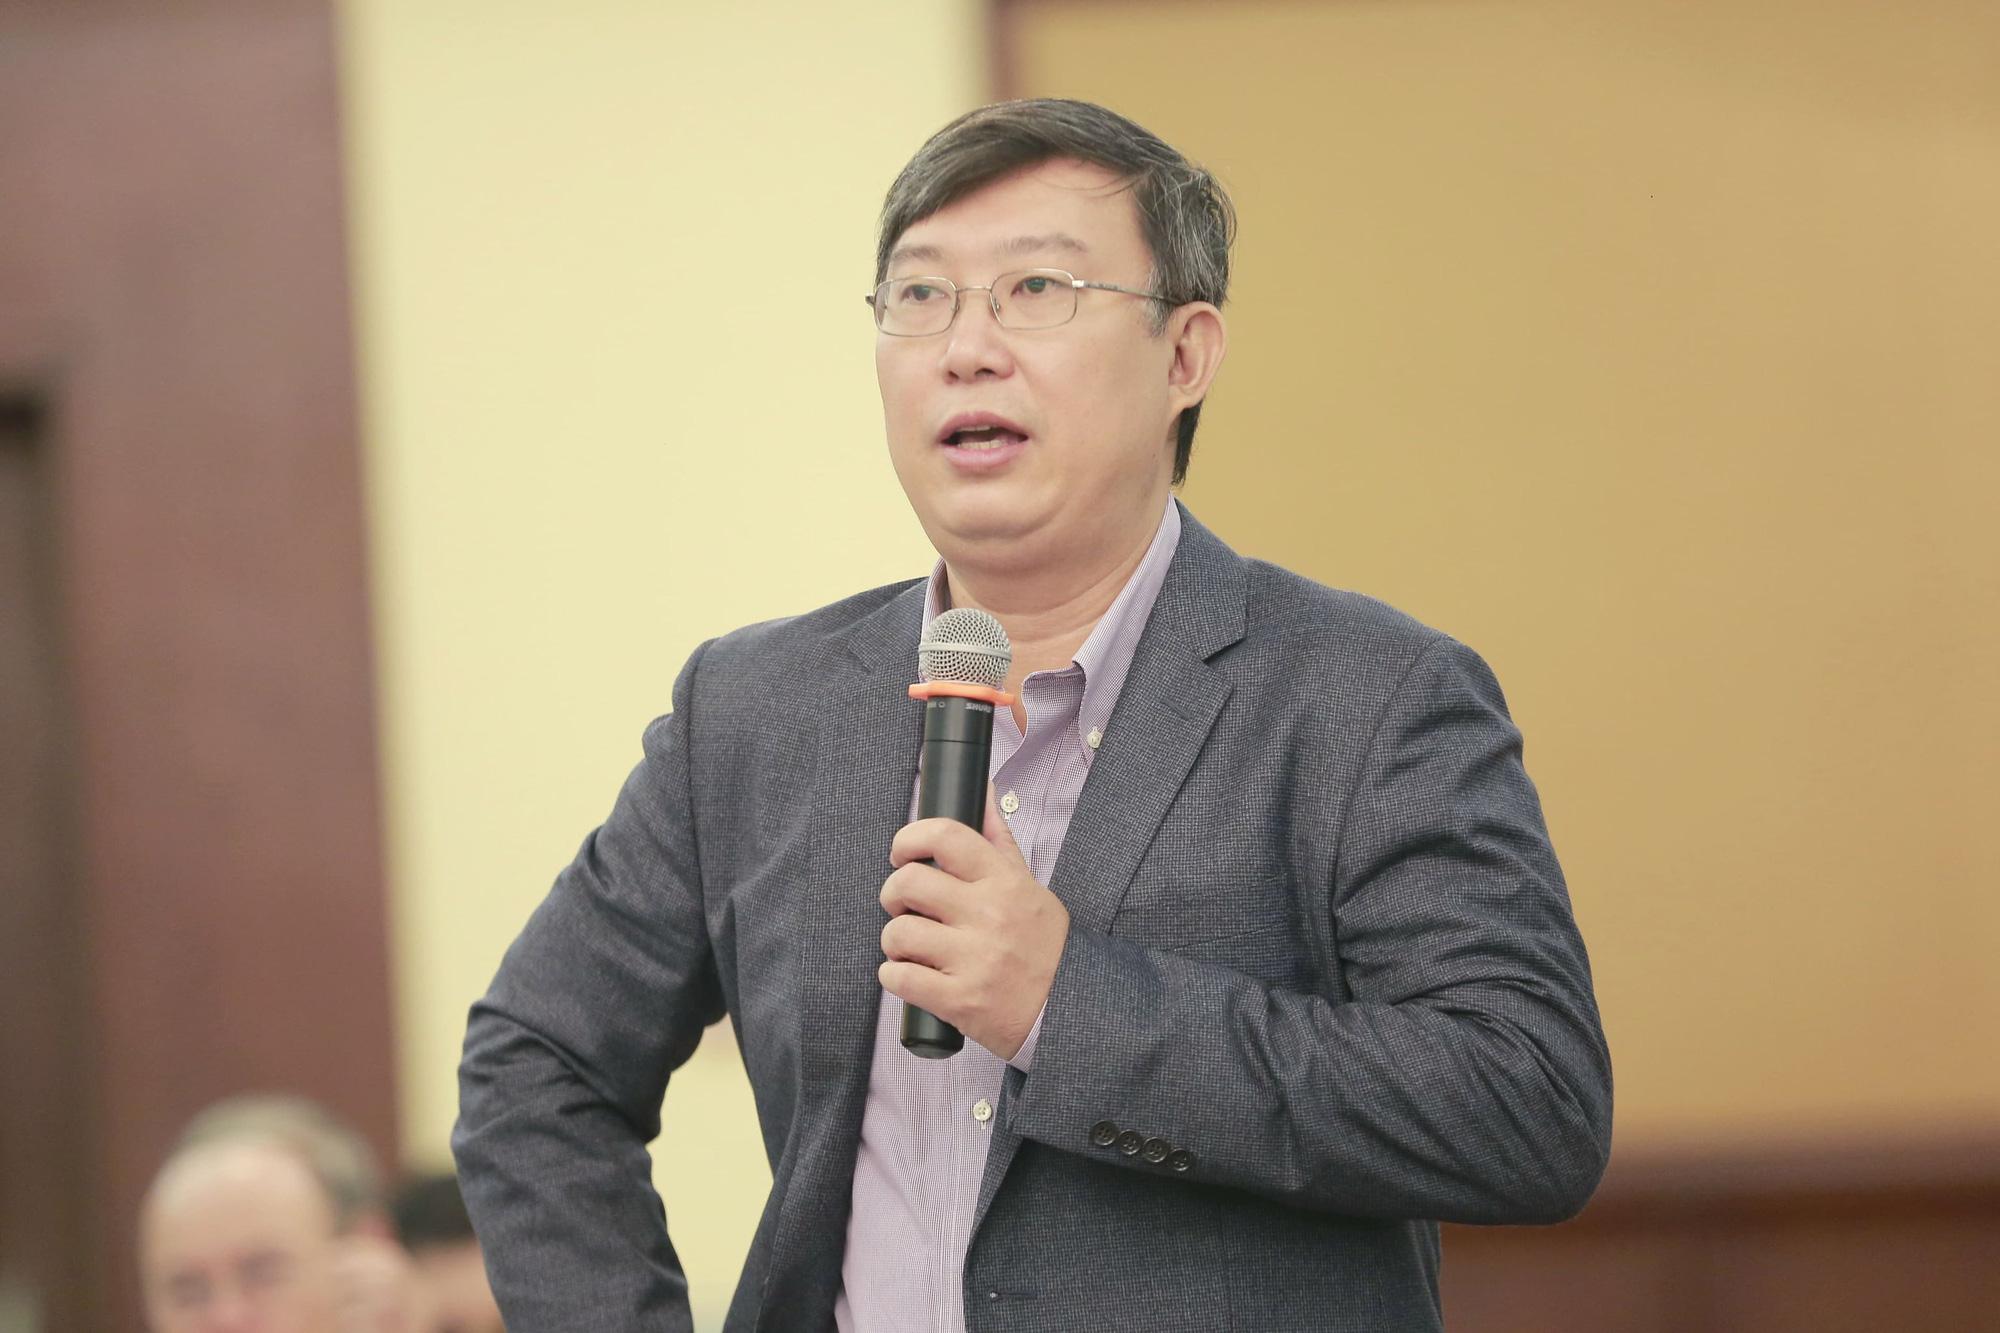 """Ông Nguyễn Xuân Thành: """"Việt Nam chấp nhận hội nhập cũng mong các nước ATIGA chơi đúng luật"""" - Ảnh 1."""